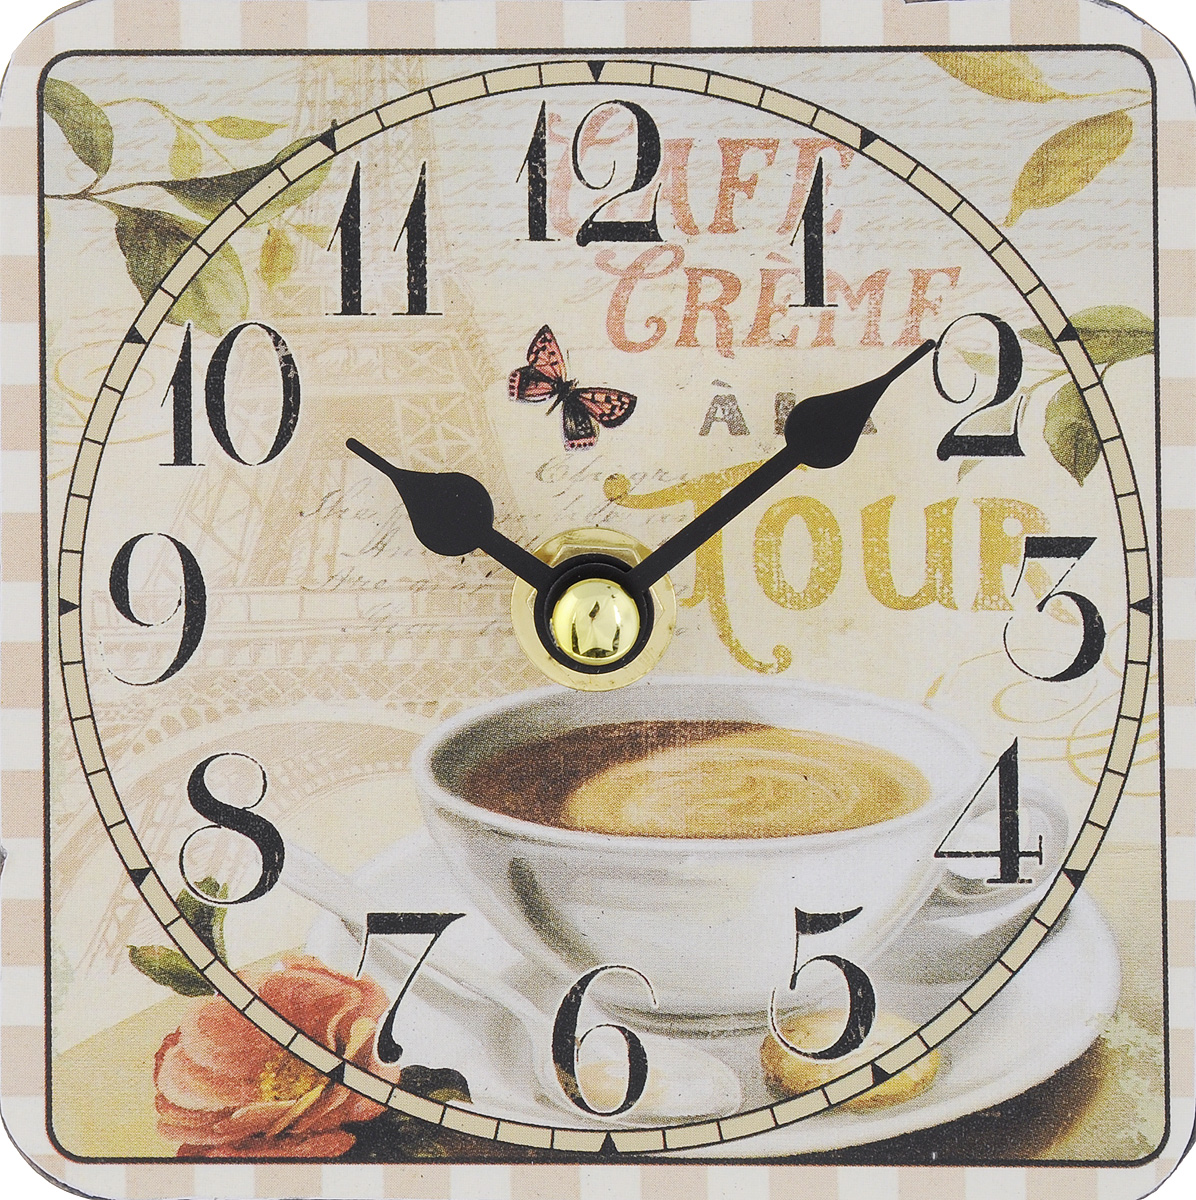 Часы настольные Феникс-Презент Чашка кофе, 10 х 10 см54 009312Настольные часы квадратной формы Феникс-Презент Чашка кофе своим эксклюзивным дизайном подчеркнут оригинальность интерьера вашего дома. Циферблат оформлен изображением чашки с кофе. Часы выполнены из МДФ. МДФ (мелкодисперсные фракции) представляет собой плиту из запрессованной вакуумным способом деревянной пыли и является наиболее экологически чистым материалом среди себе подобных. Часы имеют две стрелки - часовую и минутную.Настольные часы Феникс-Презент Чашка кофе подходят для кухни, гостиной, прихожей или дачи, а также могут стать отличным подарком для друзей и близких.ВНИМАНИЕ!!! Часы работают от сменной батареи типа АА 1,5V (в комплект не входит).